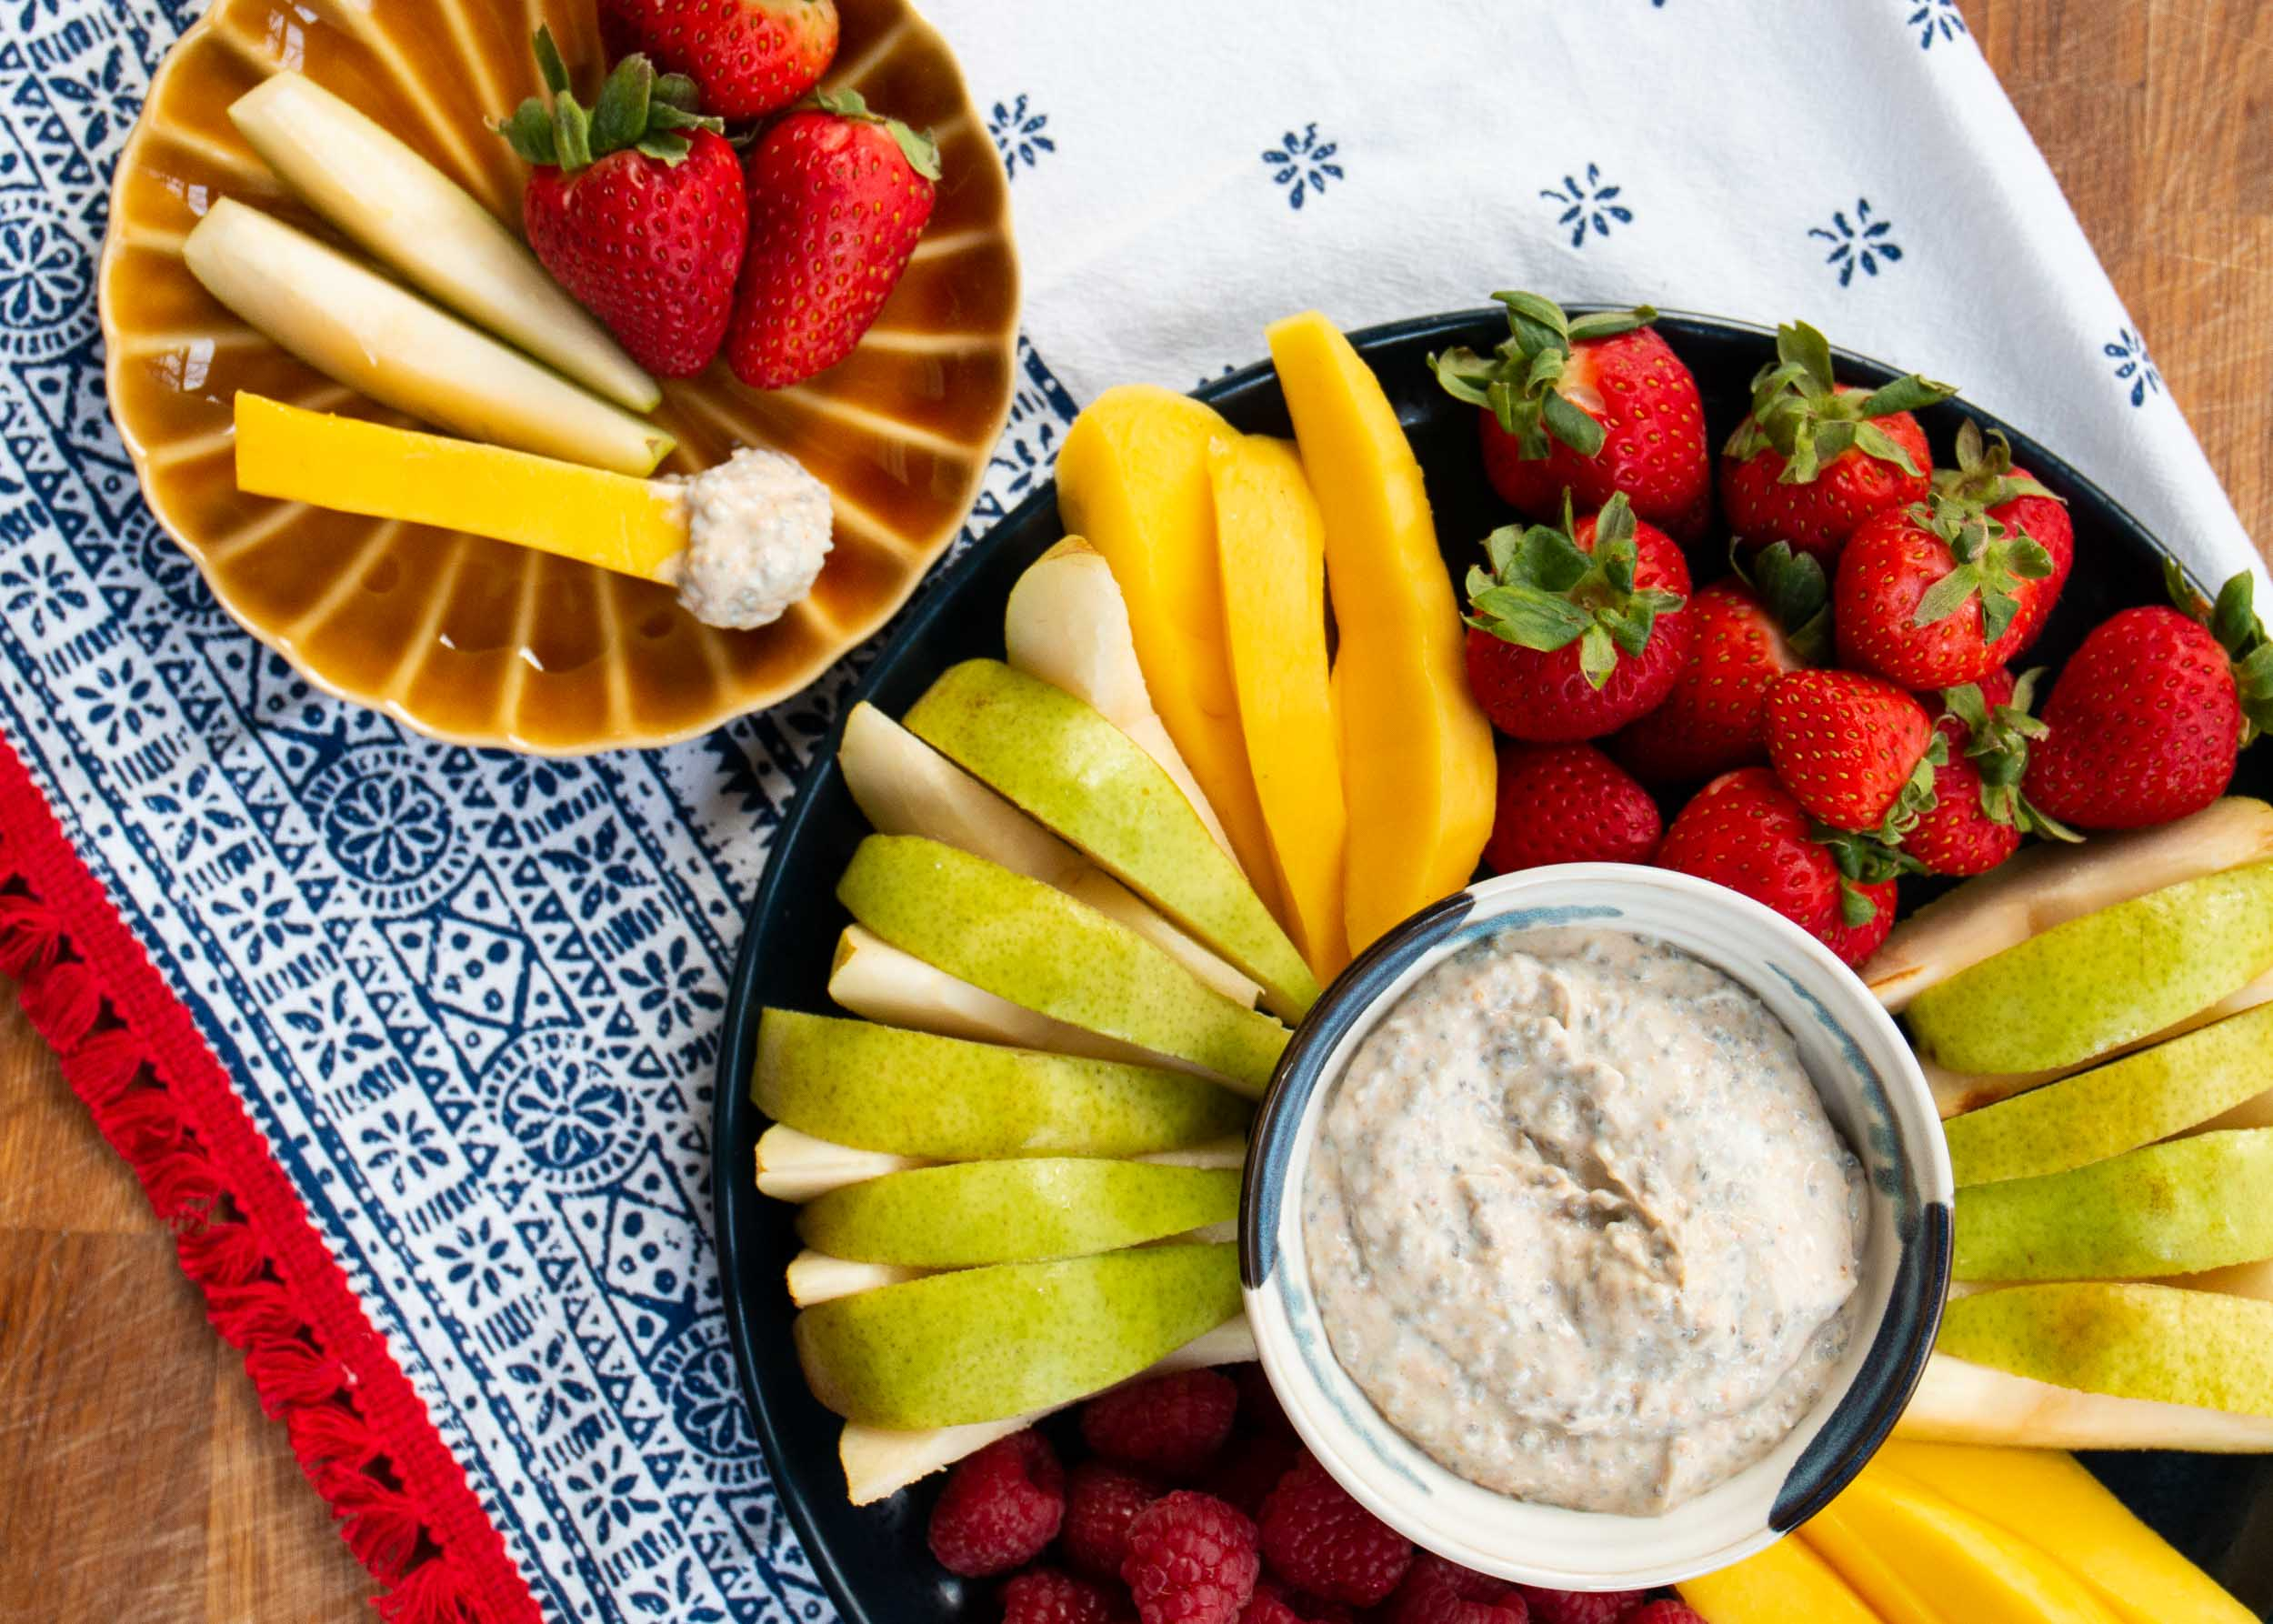 Healthy Peanut Butter Fruit Dip Mackenzie Schieck